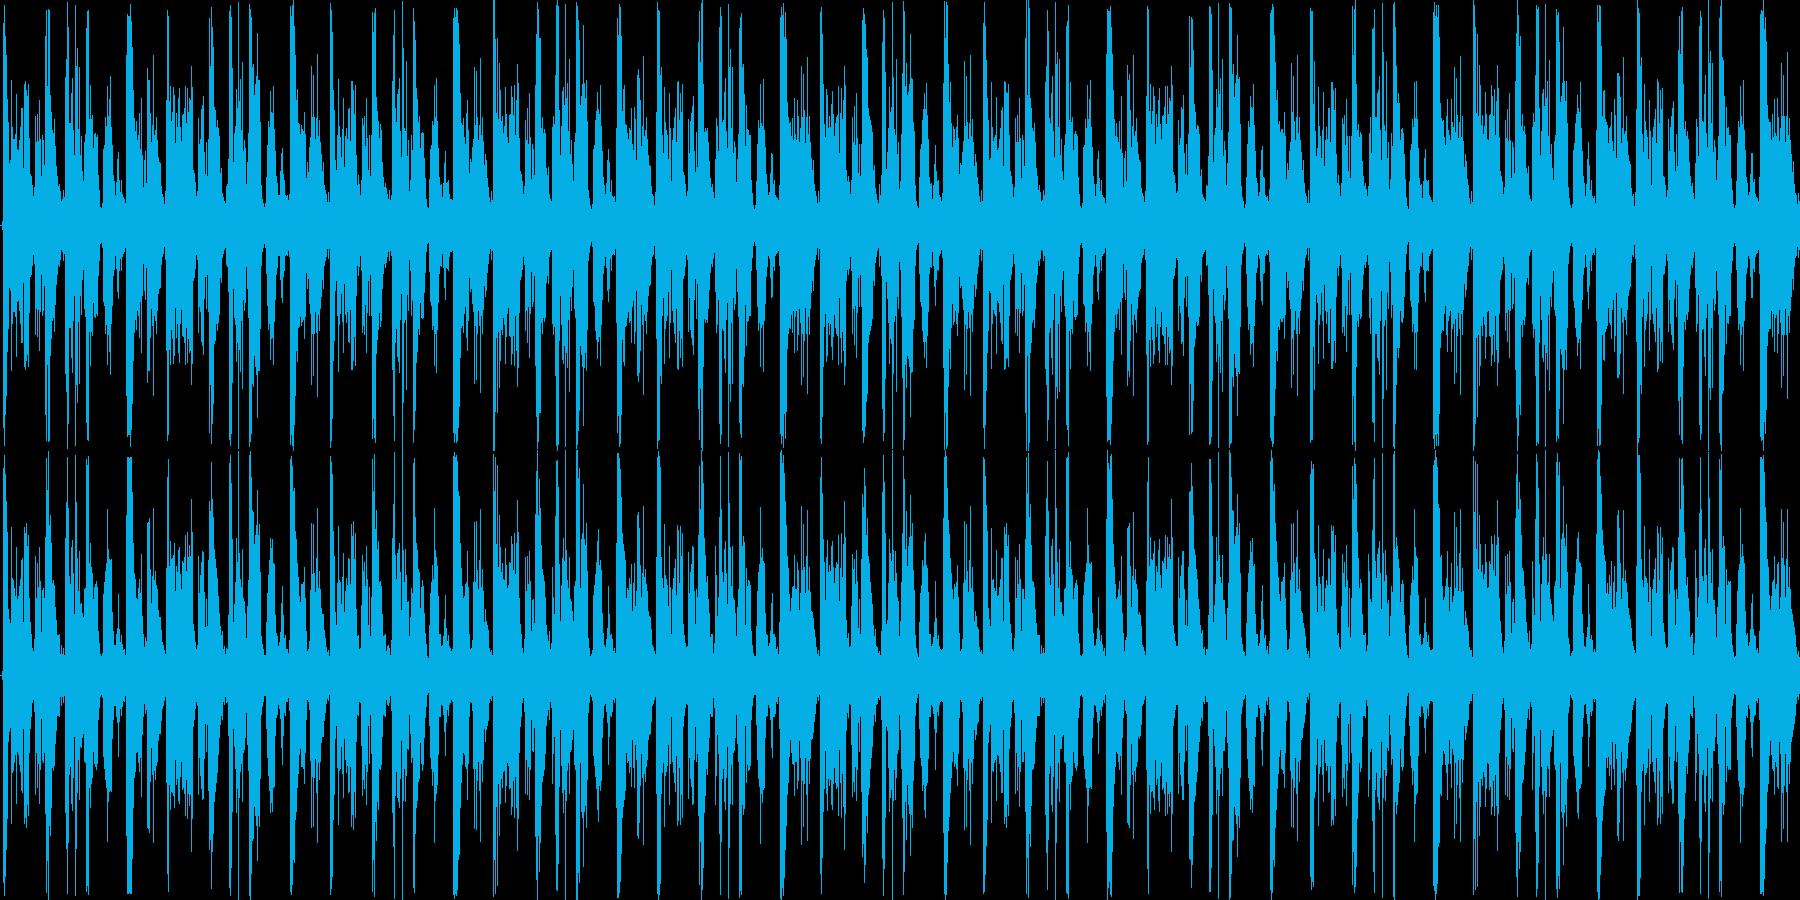 ハイテンポで次々物事が展開する-ループ可の再生済みの波形